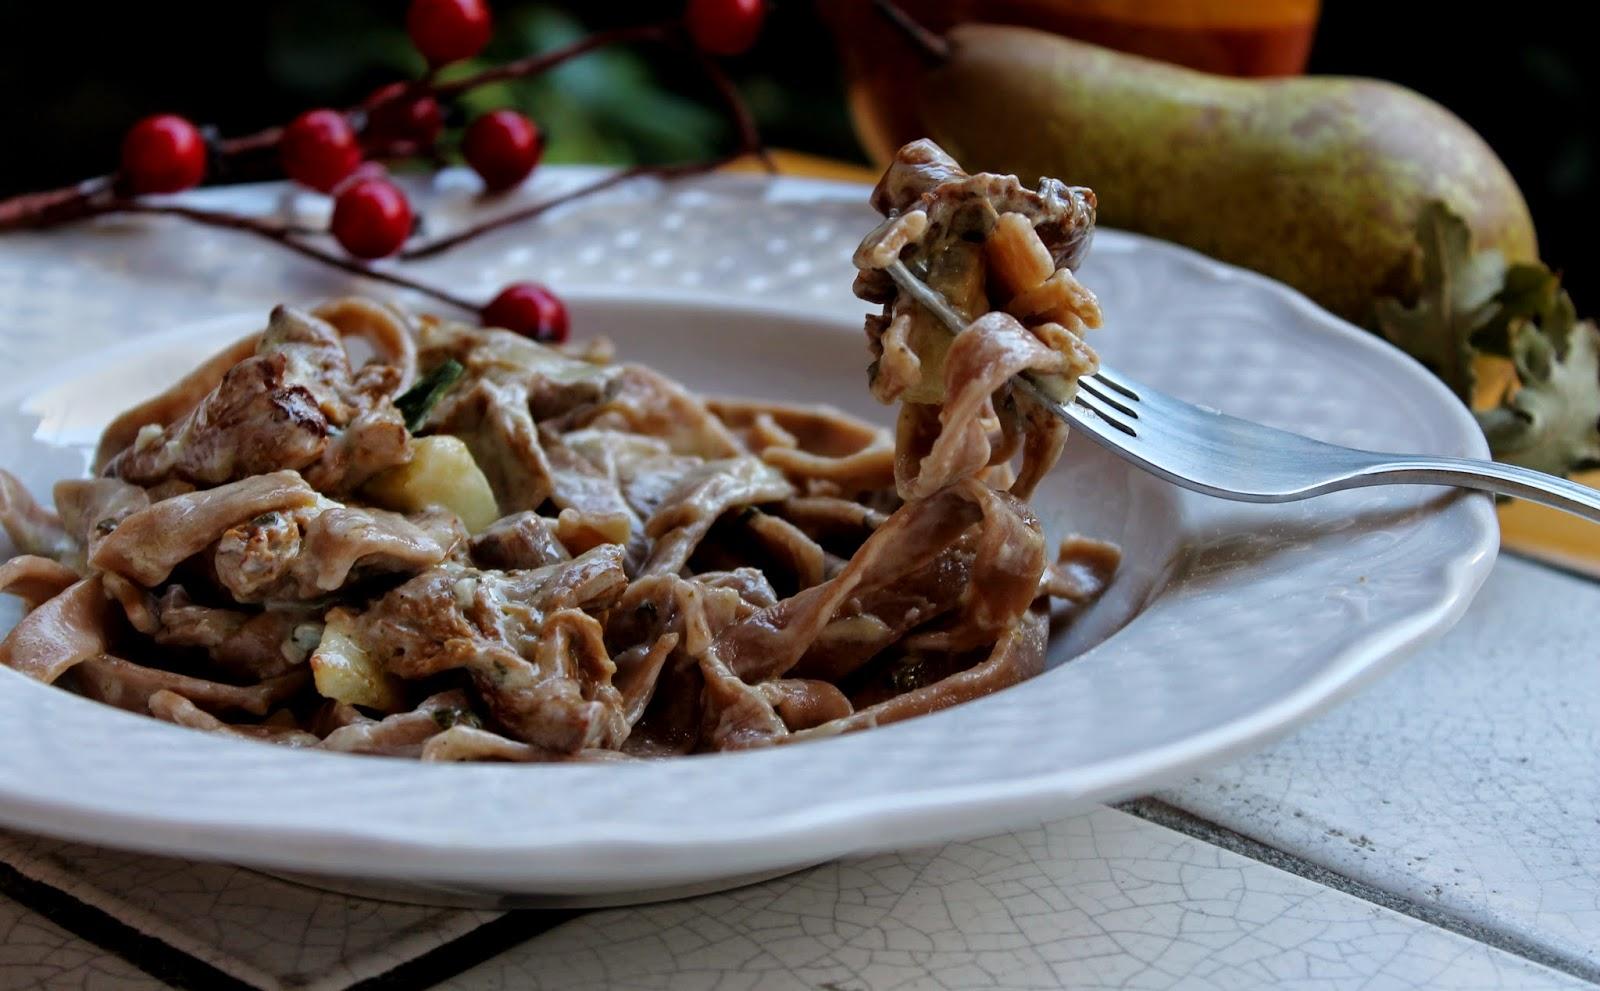 Tagliatelle con farina di castagne con finferli gorgonzola e pera caramellata